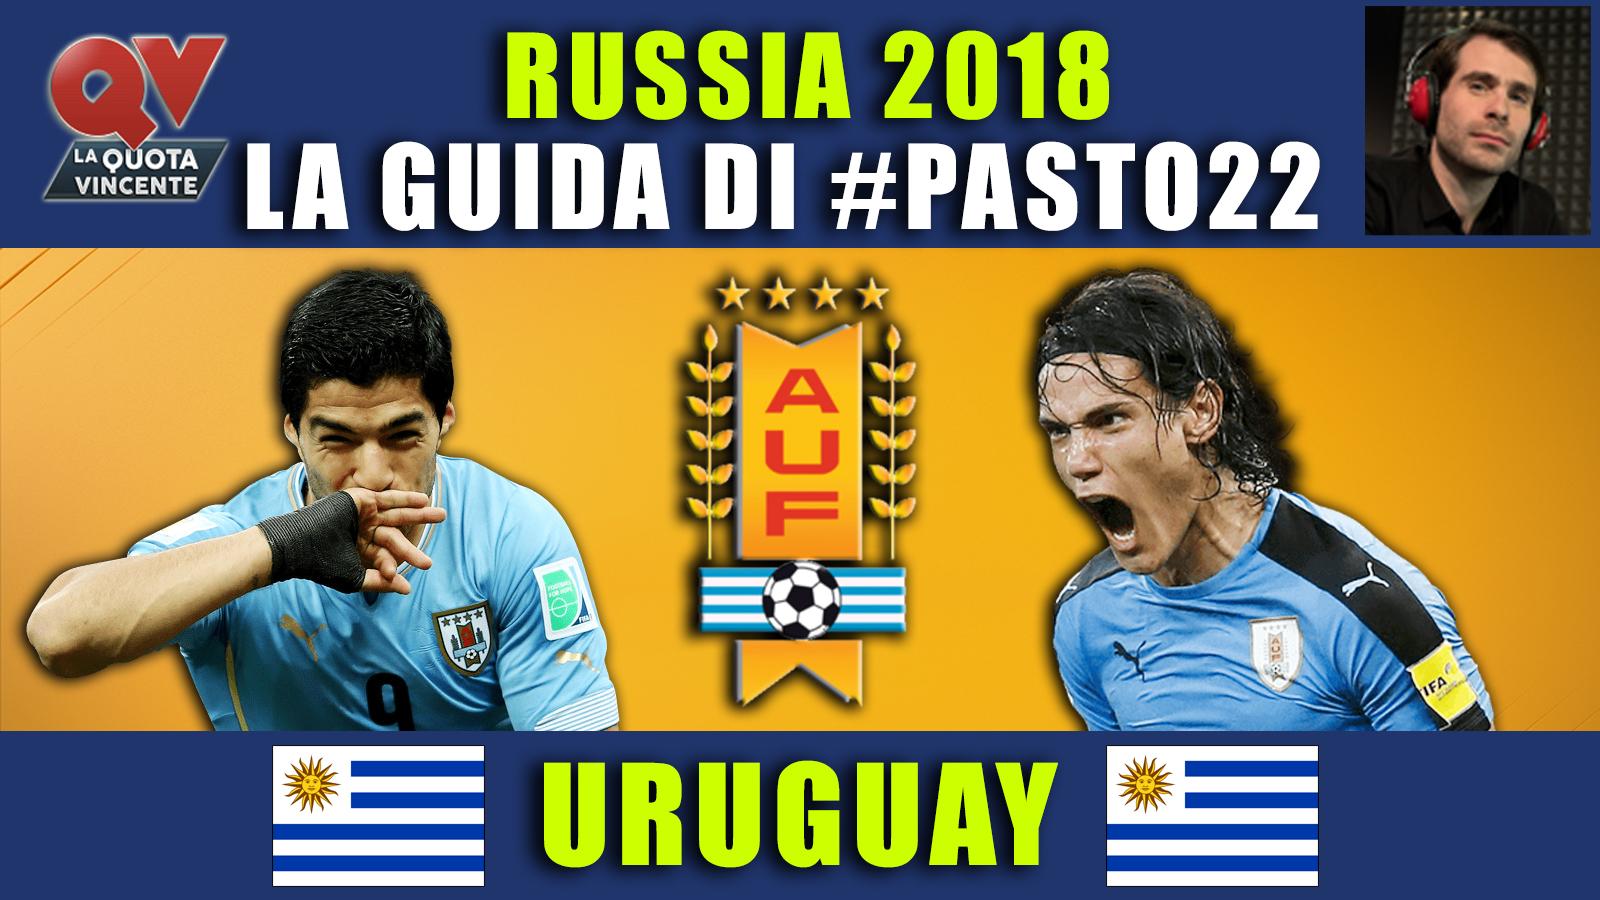 Guida Mondiali Russia 2018 Uruguay: convocati, quote calendario, news!